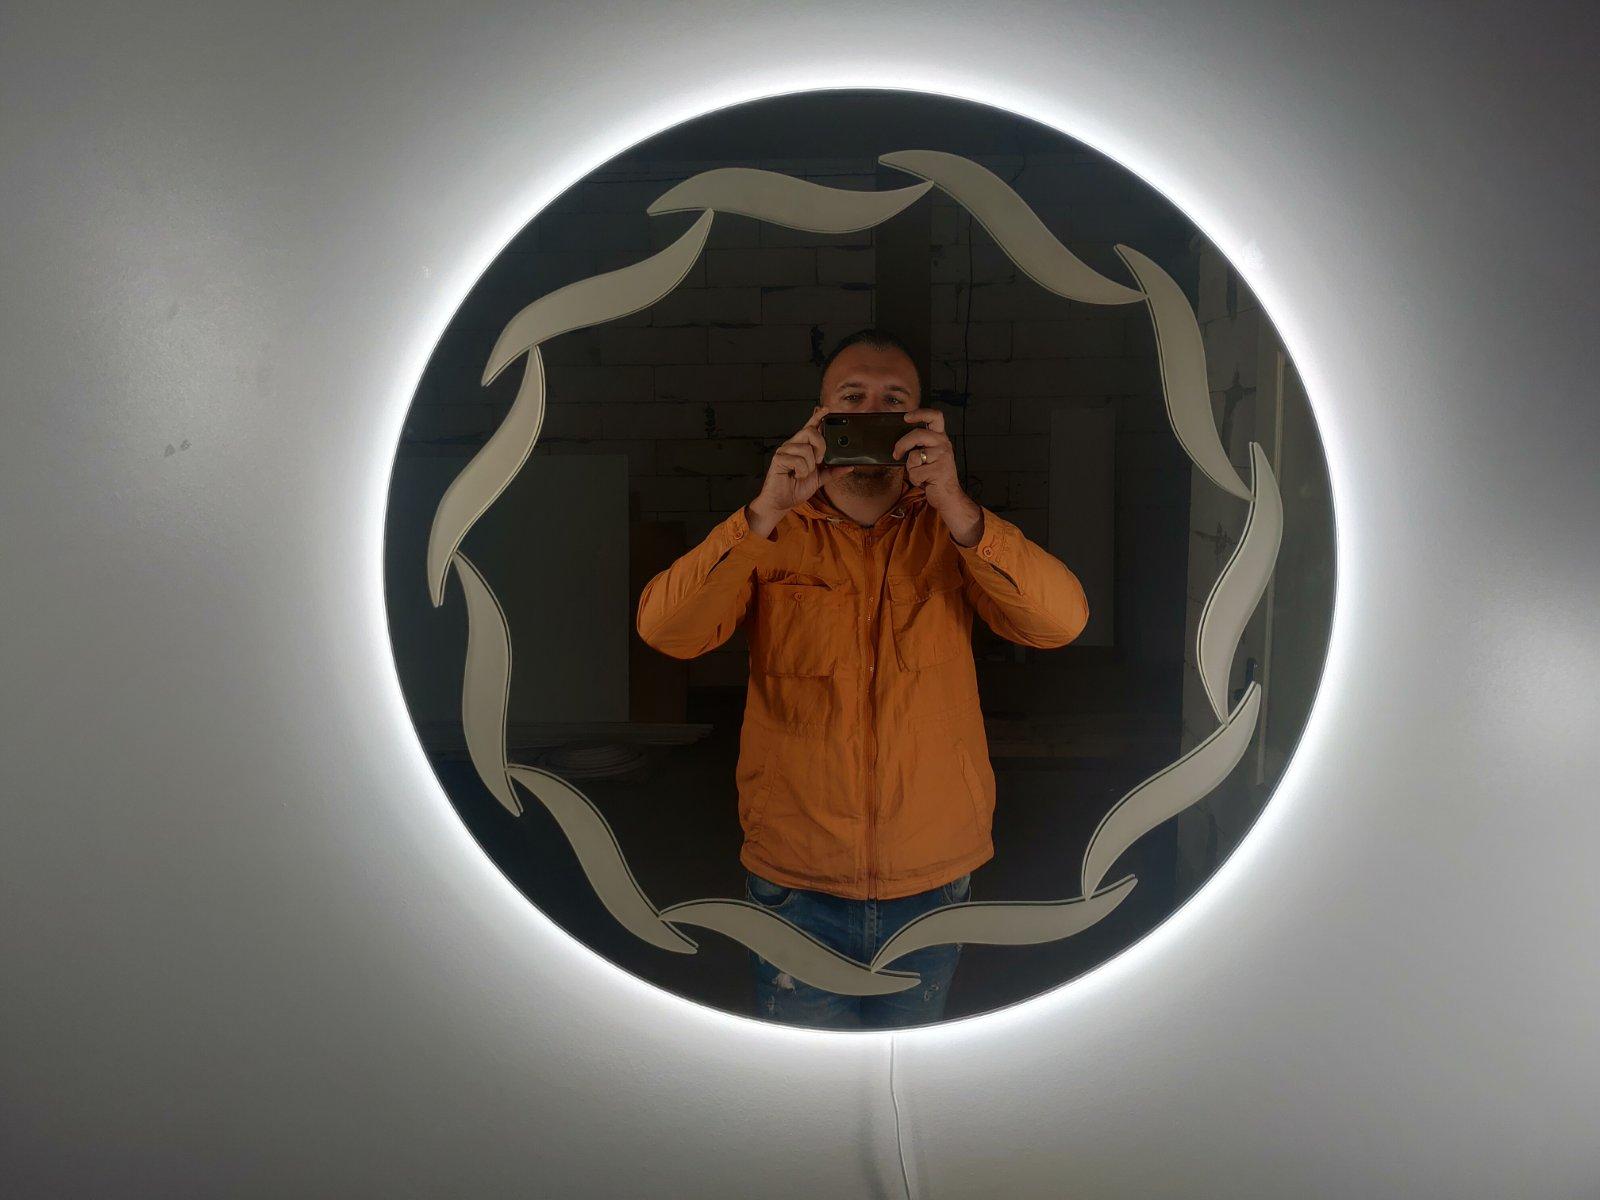 дизайнерское зеркало круглое